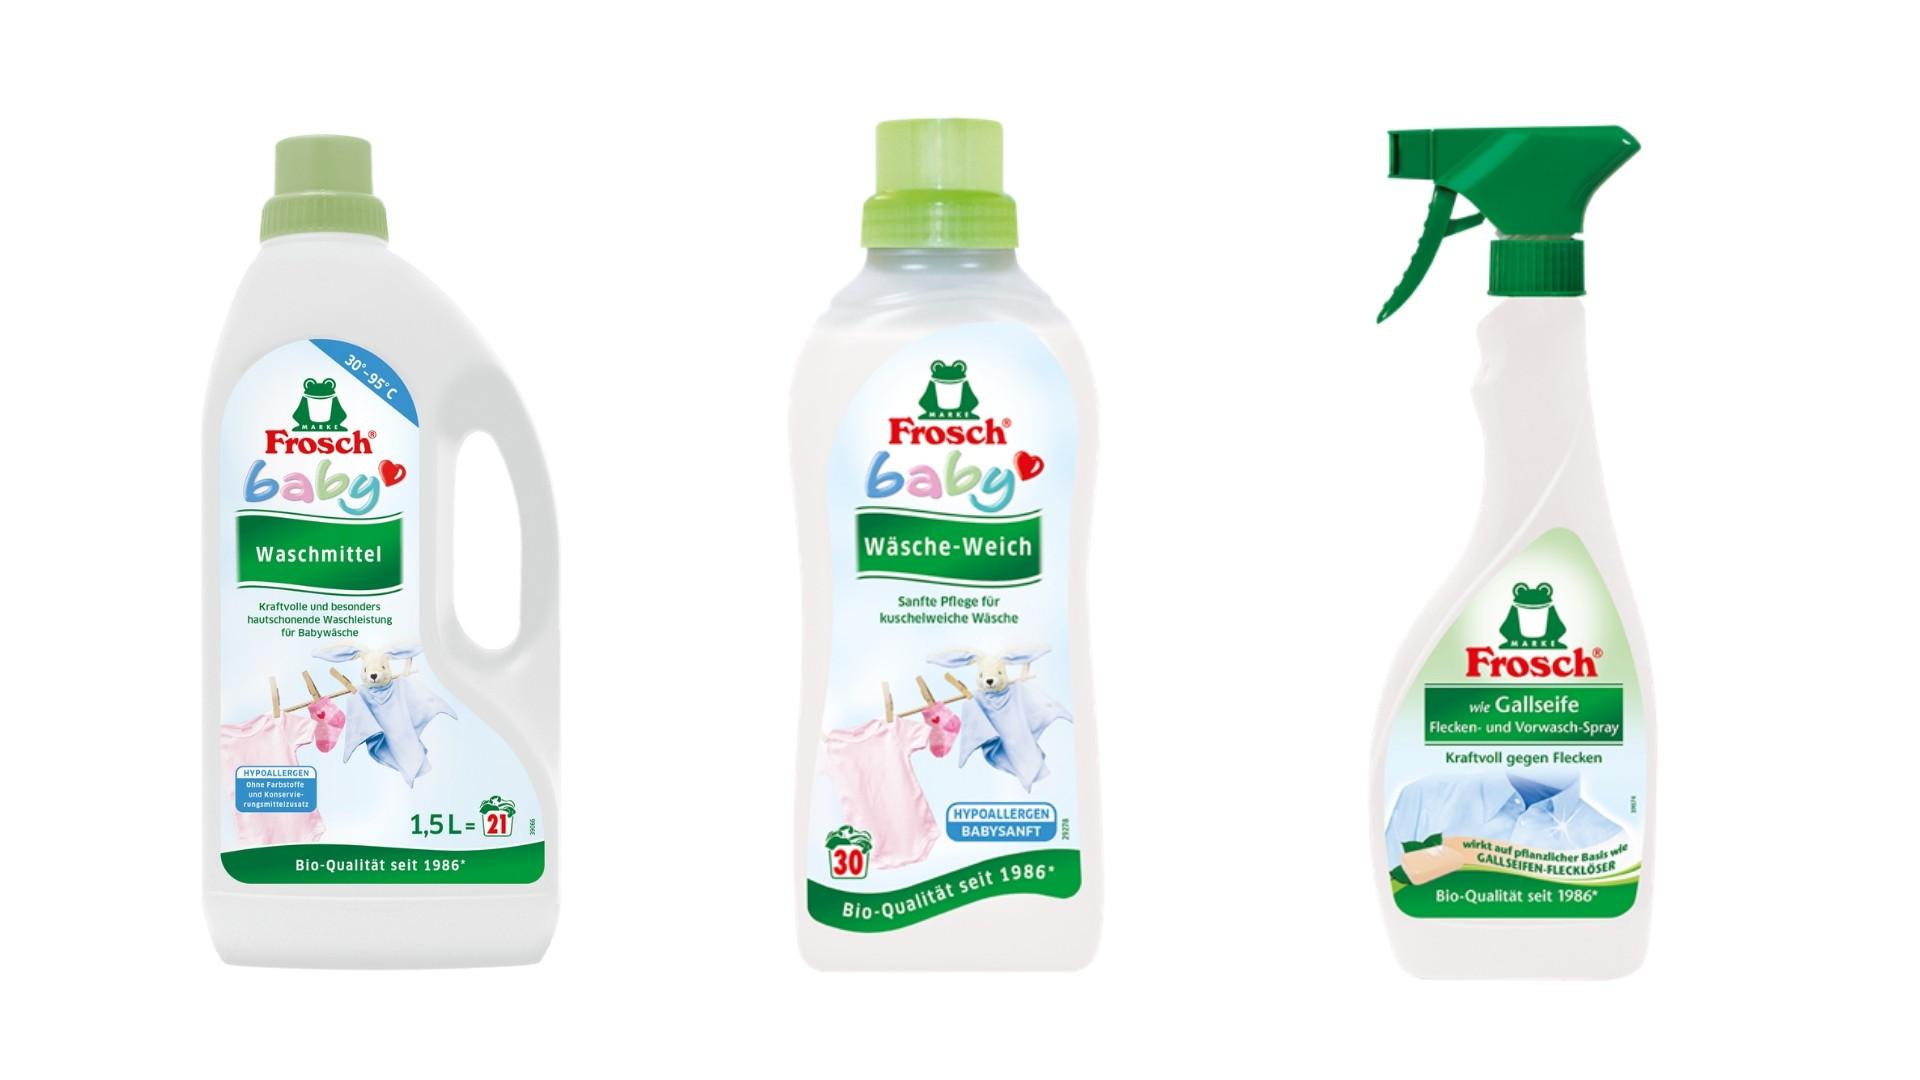 Waschmittel für Babys von Frosch